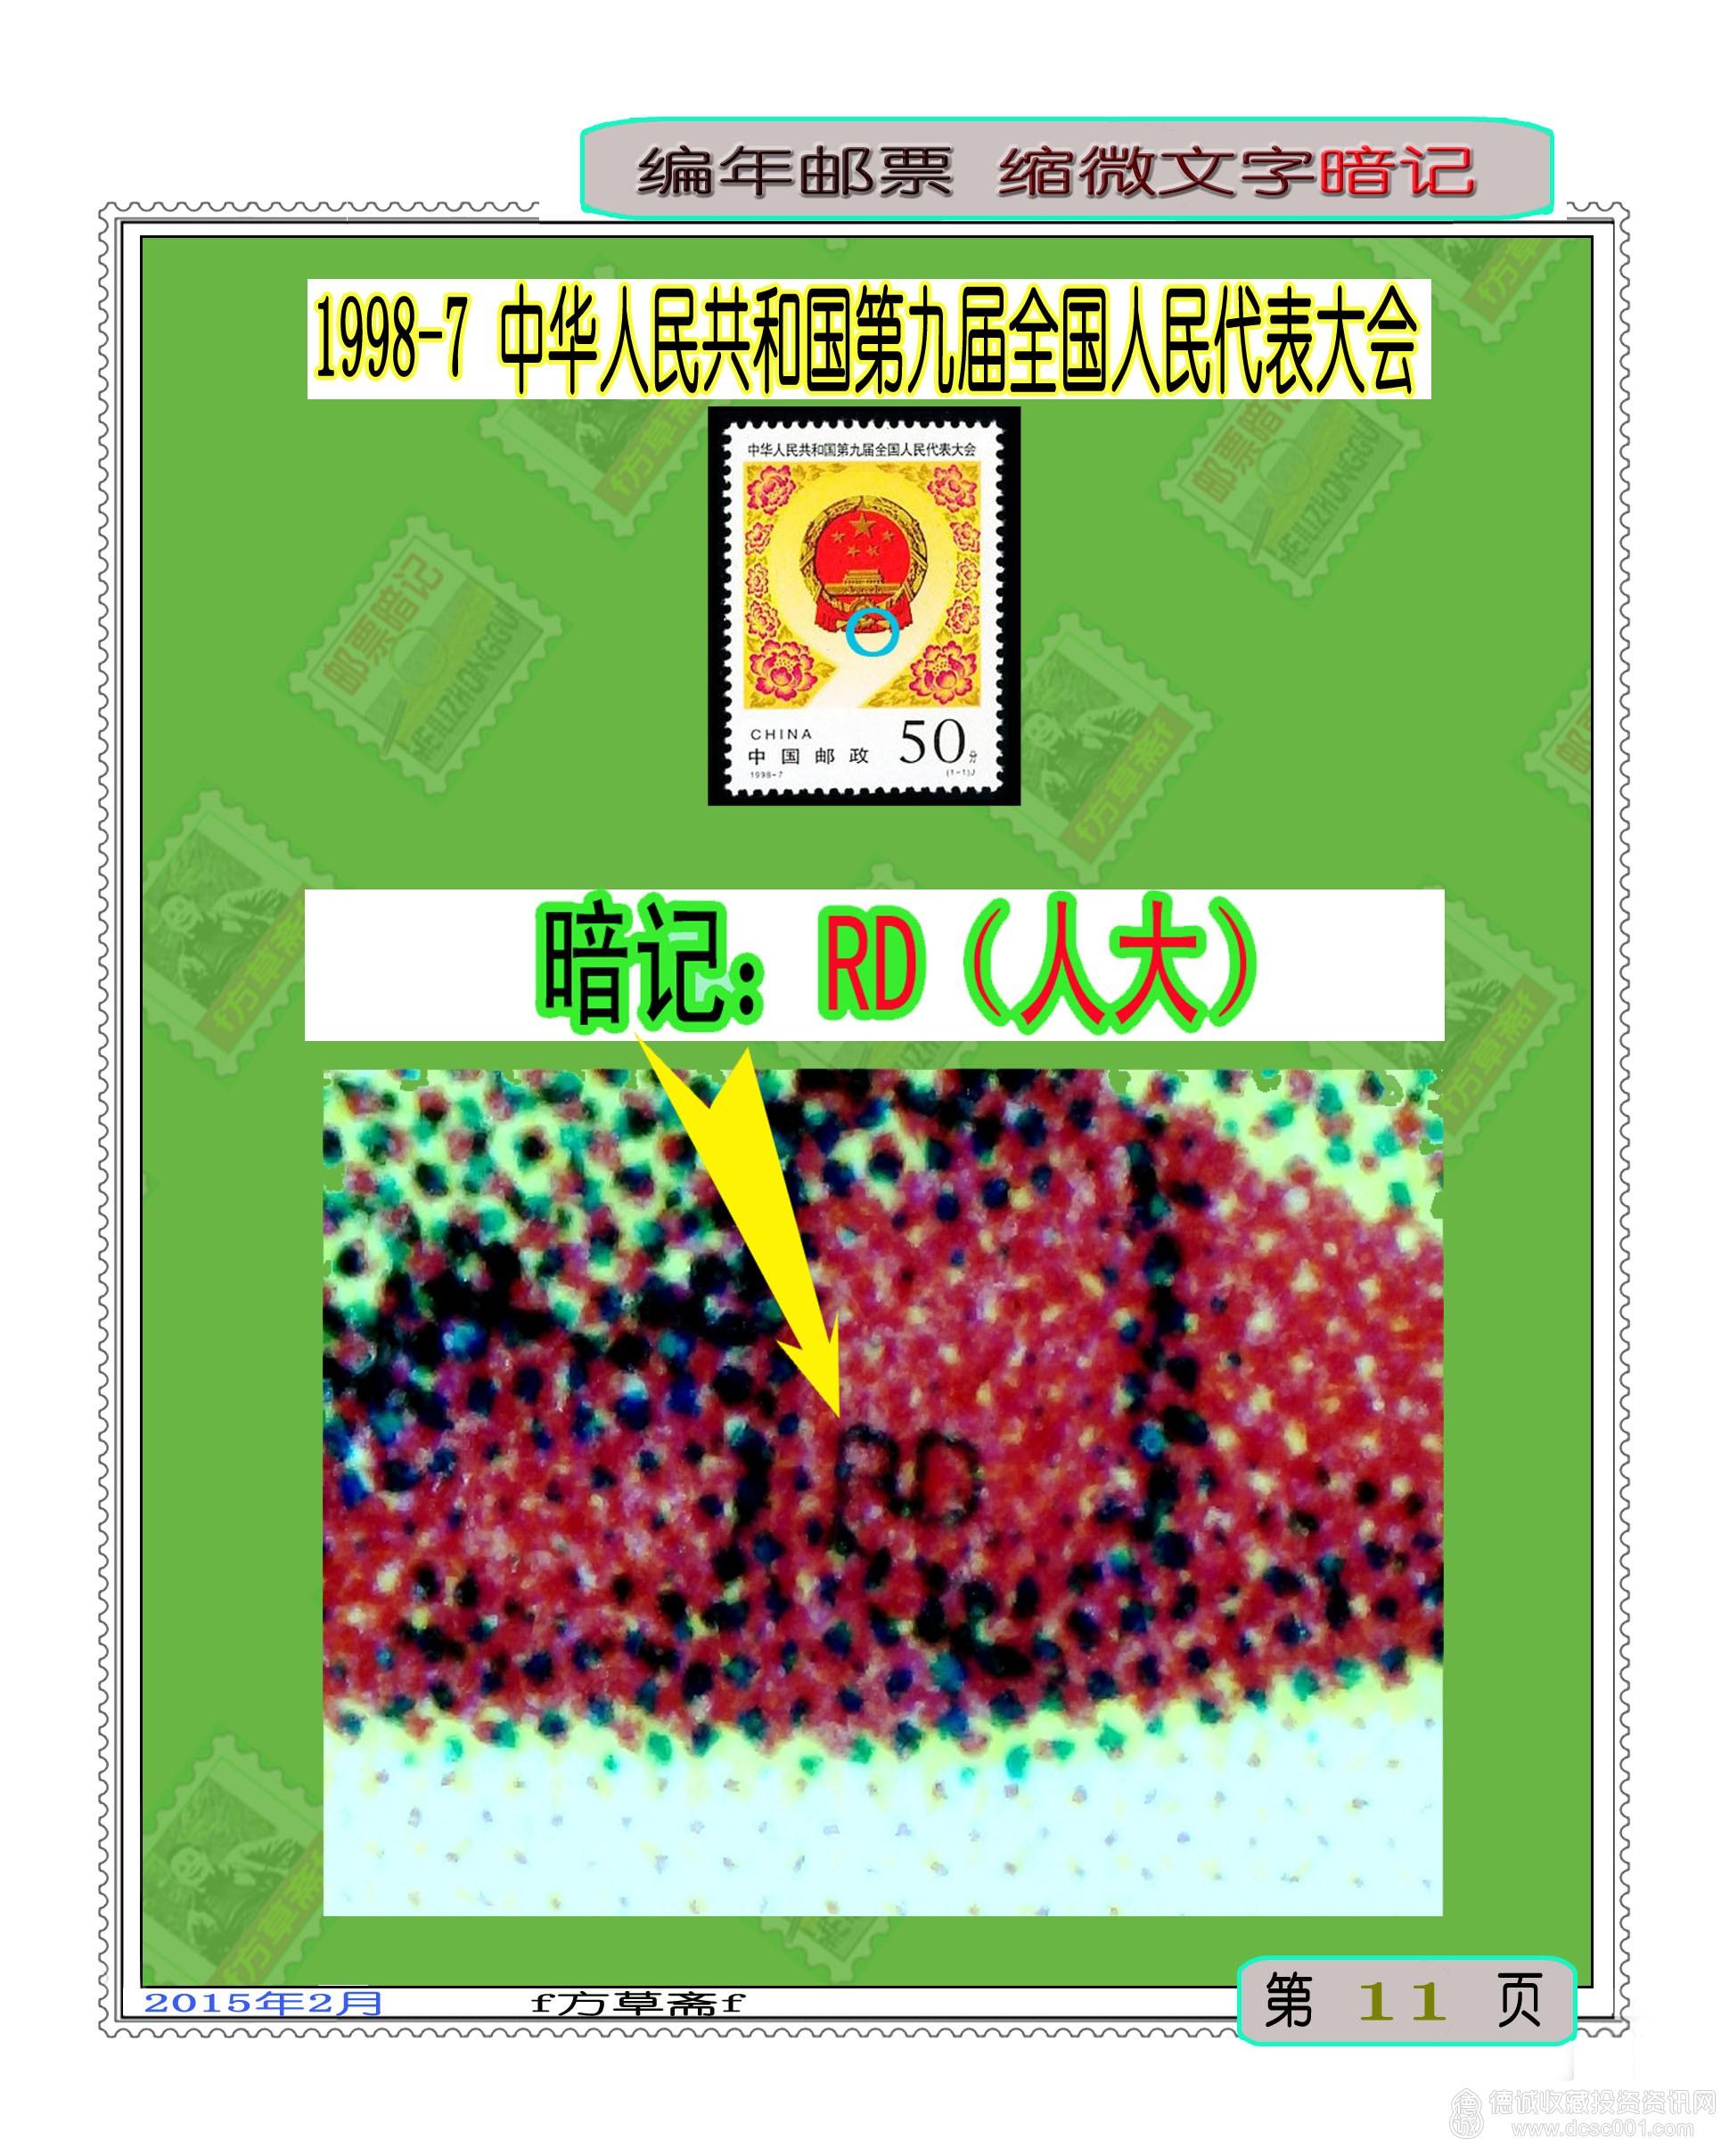 1998-7 中华人民共和国第九届全国人民代表大会(J).jpg